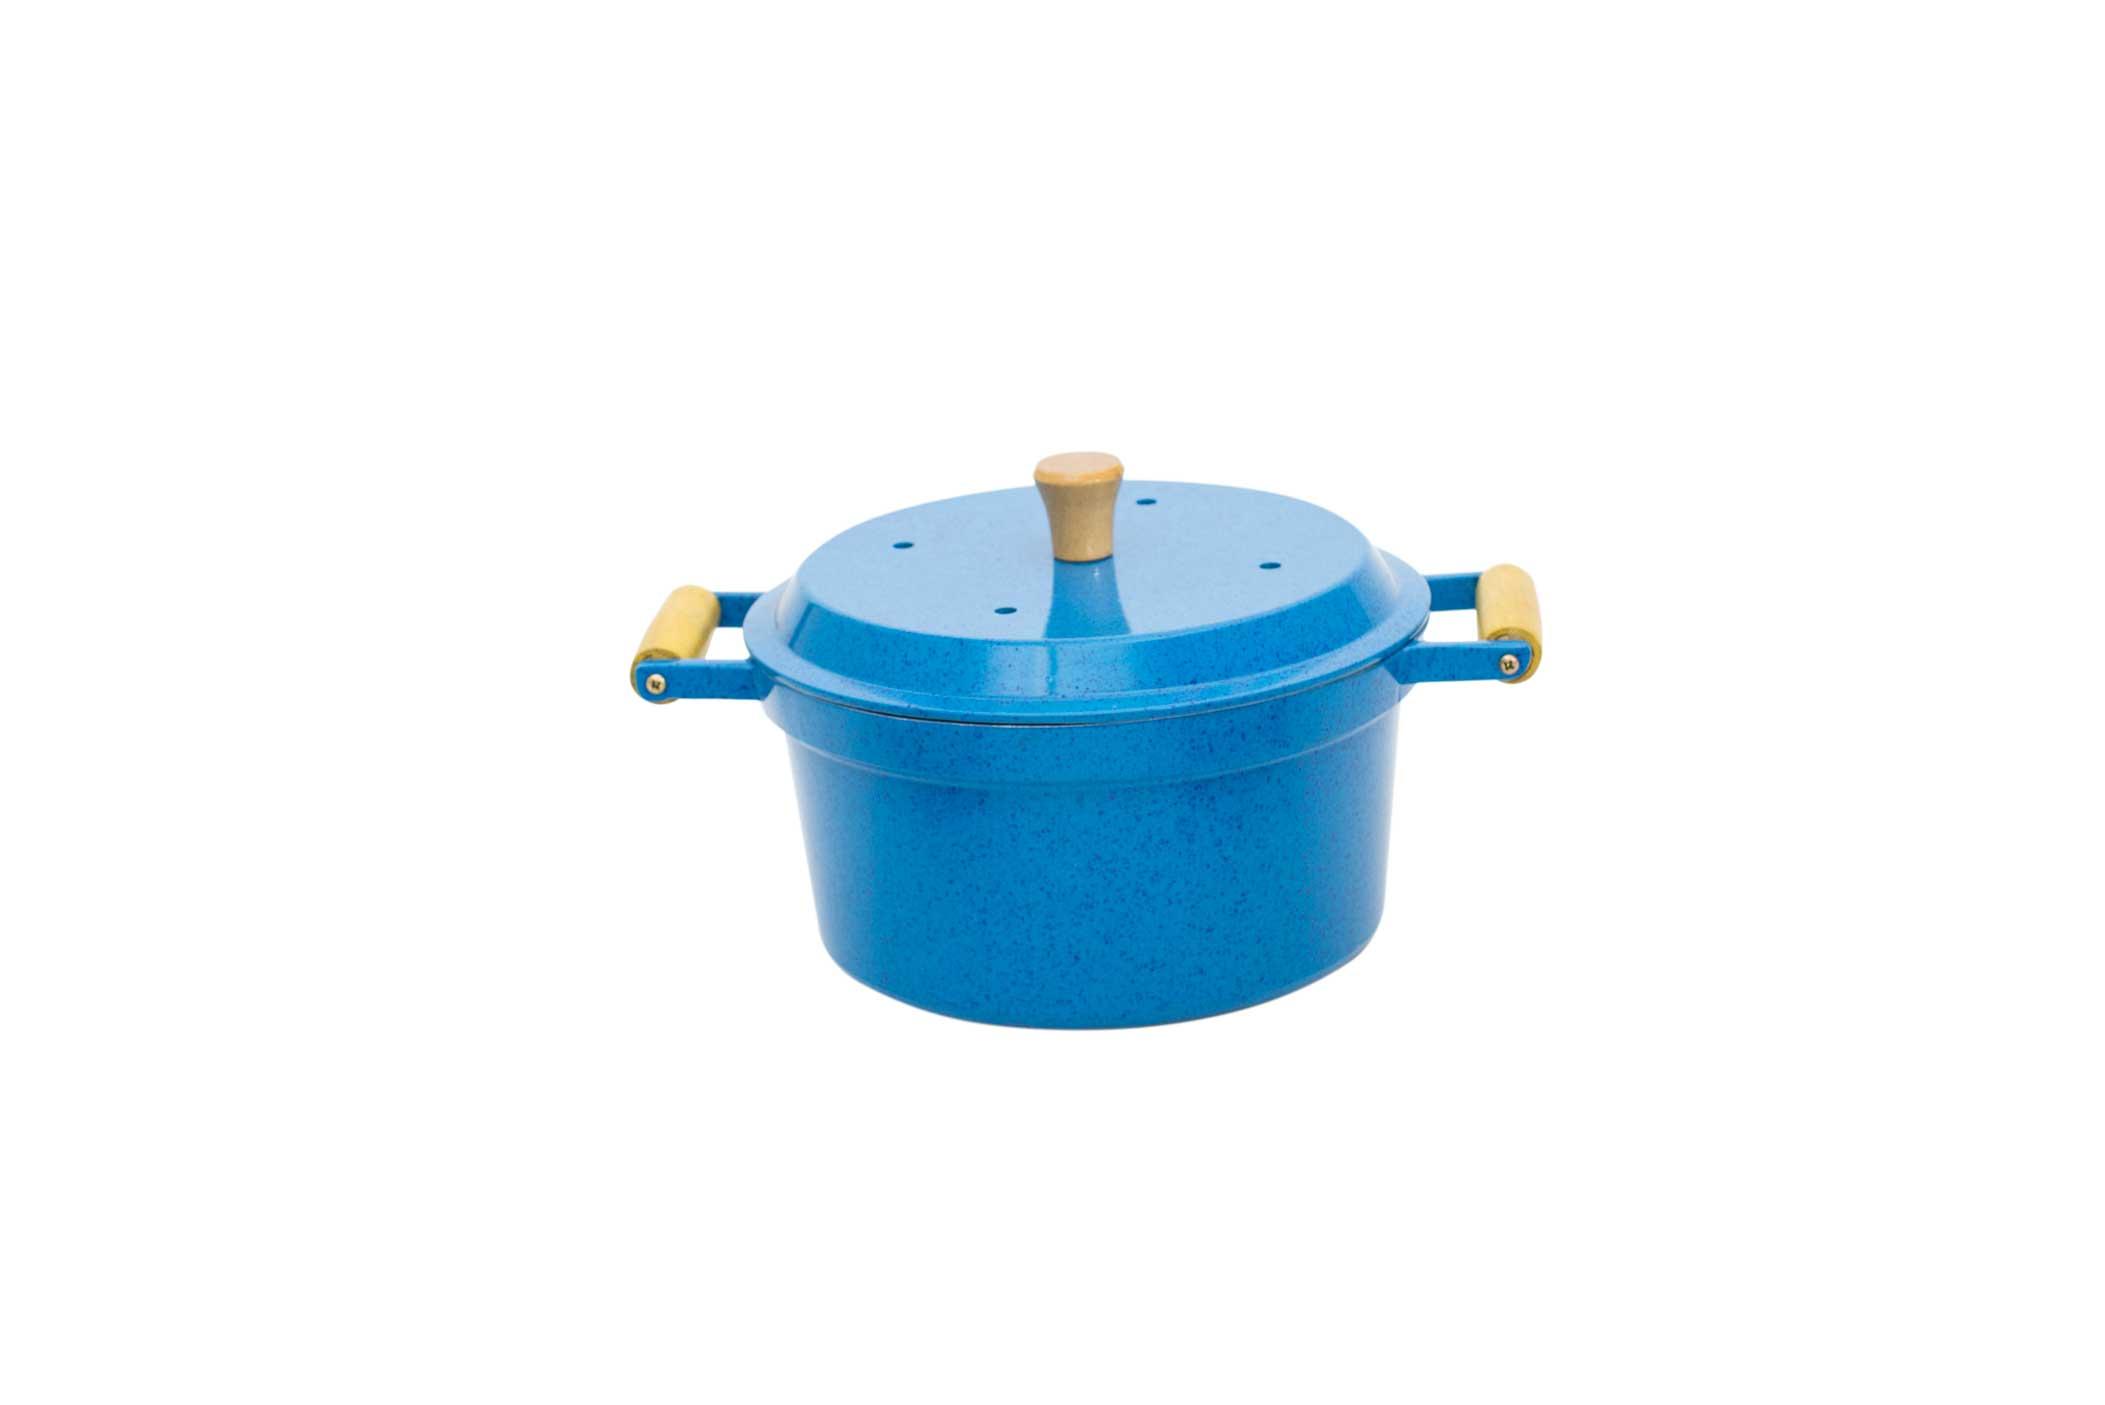 Caçarola Mágica 3 em 1 AlumÍnio Fundido - Azul Mesclado